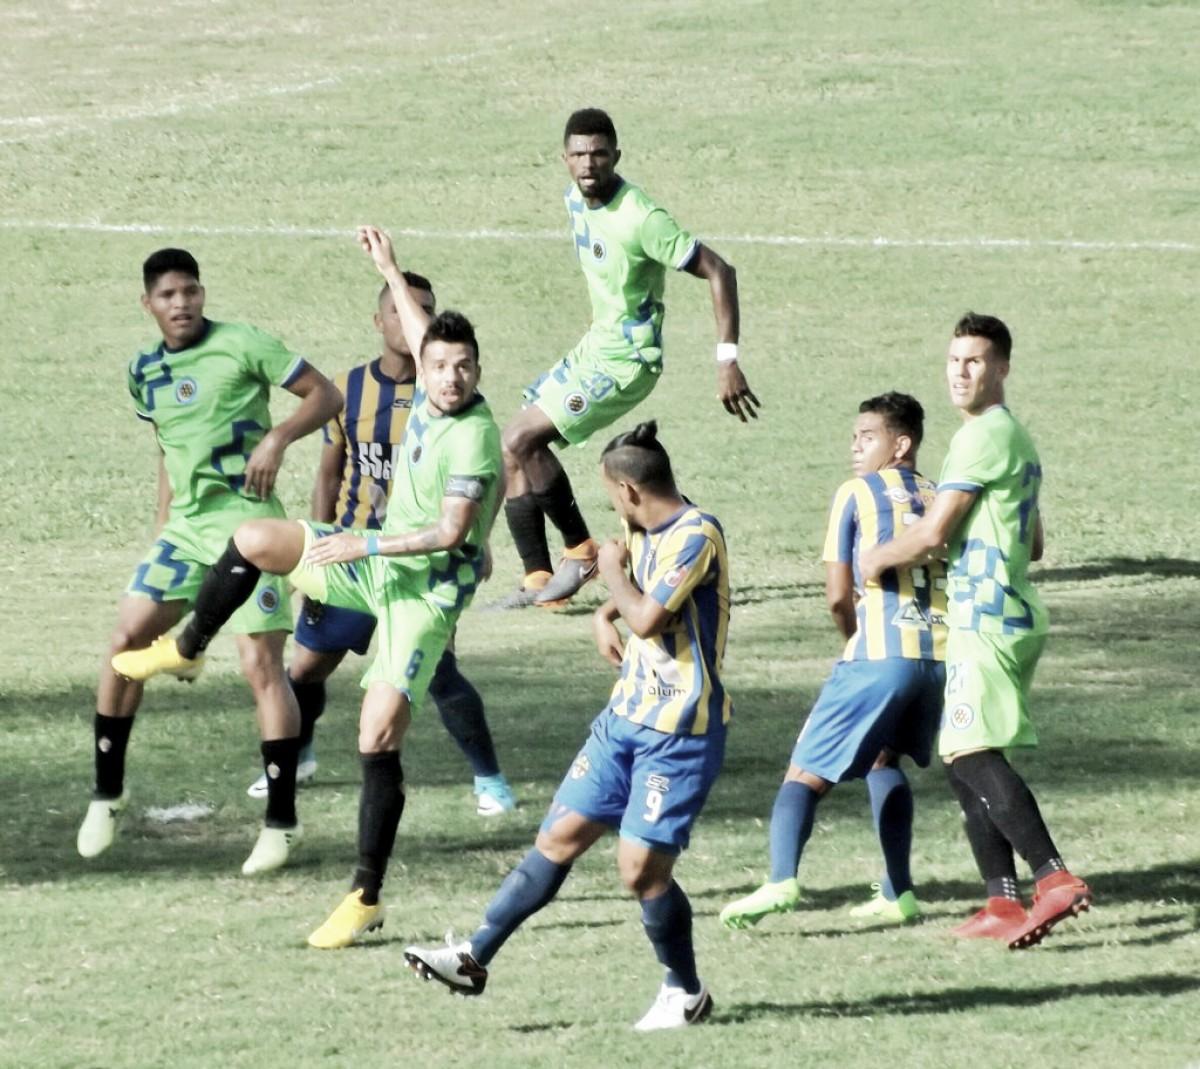 Incertidumbre en la clasificación los octavos de final de Copa Venezuela entre equipos del Orinoco